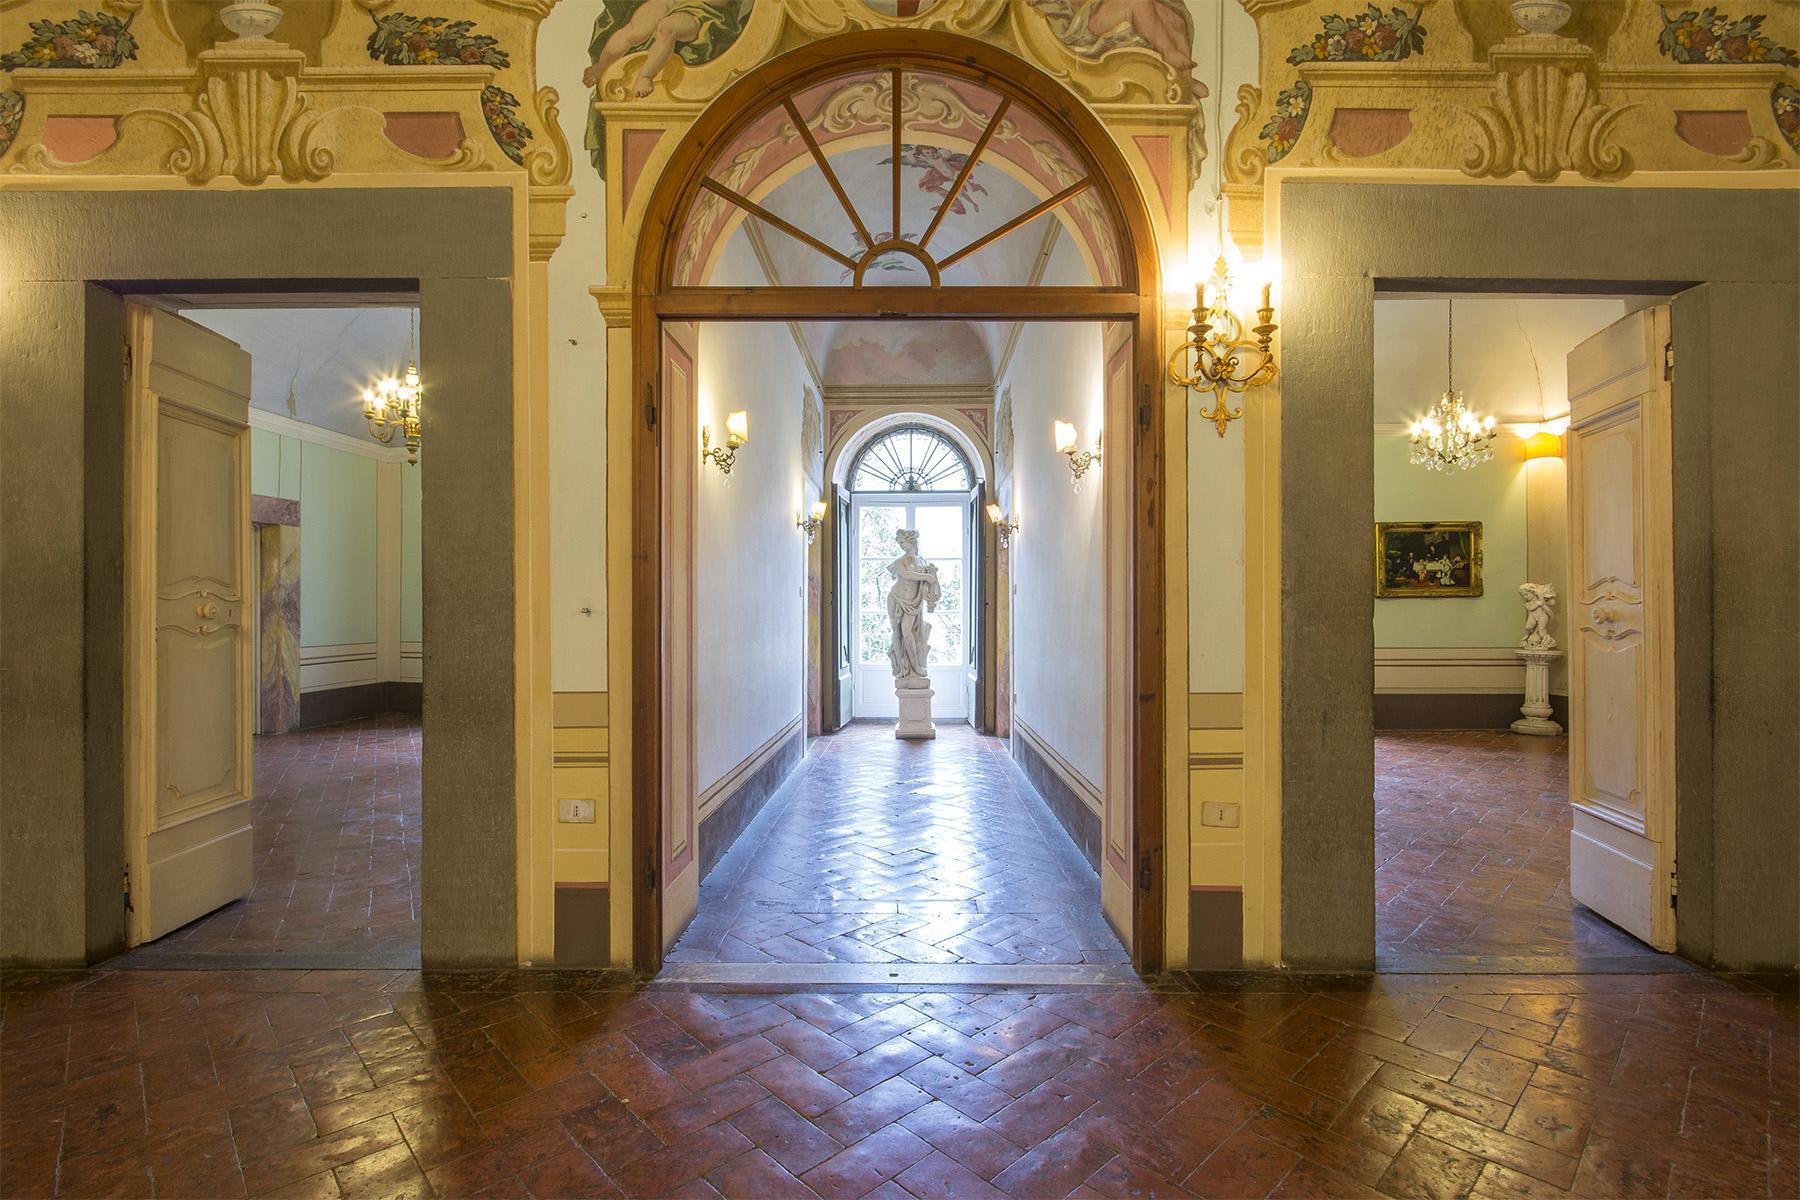 Meravigliosa Villa Medicea sulle colline Pisane - 5